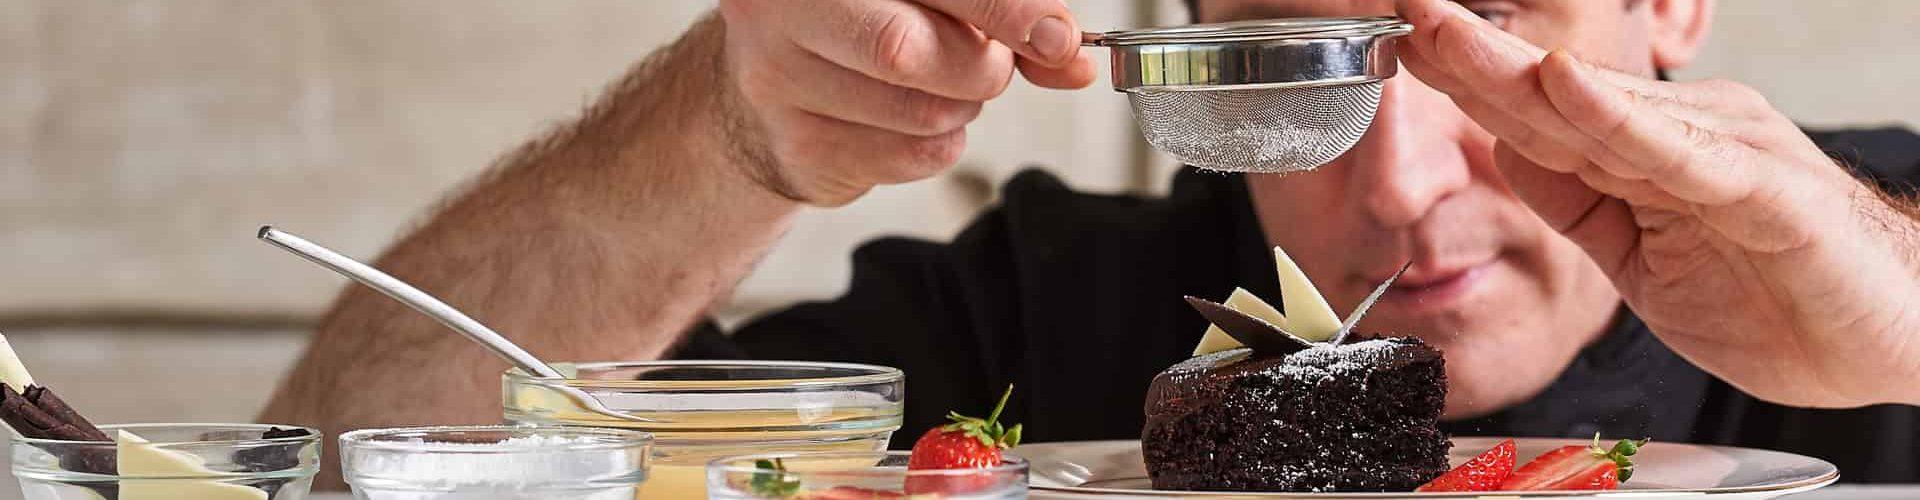 آموزش آنلاین پخت کیک